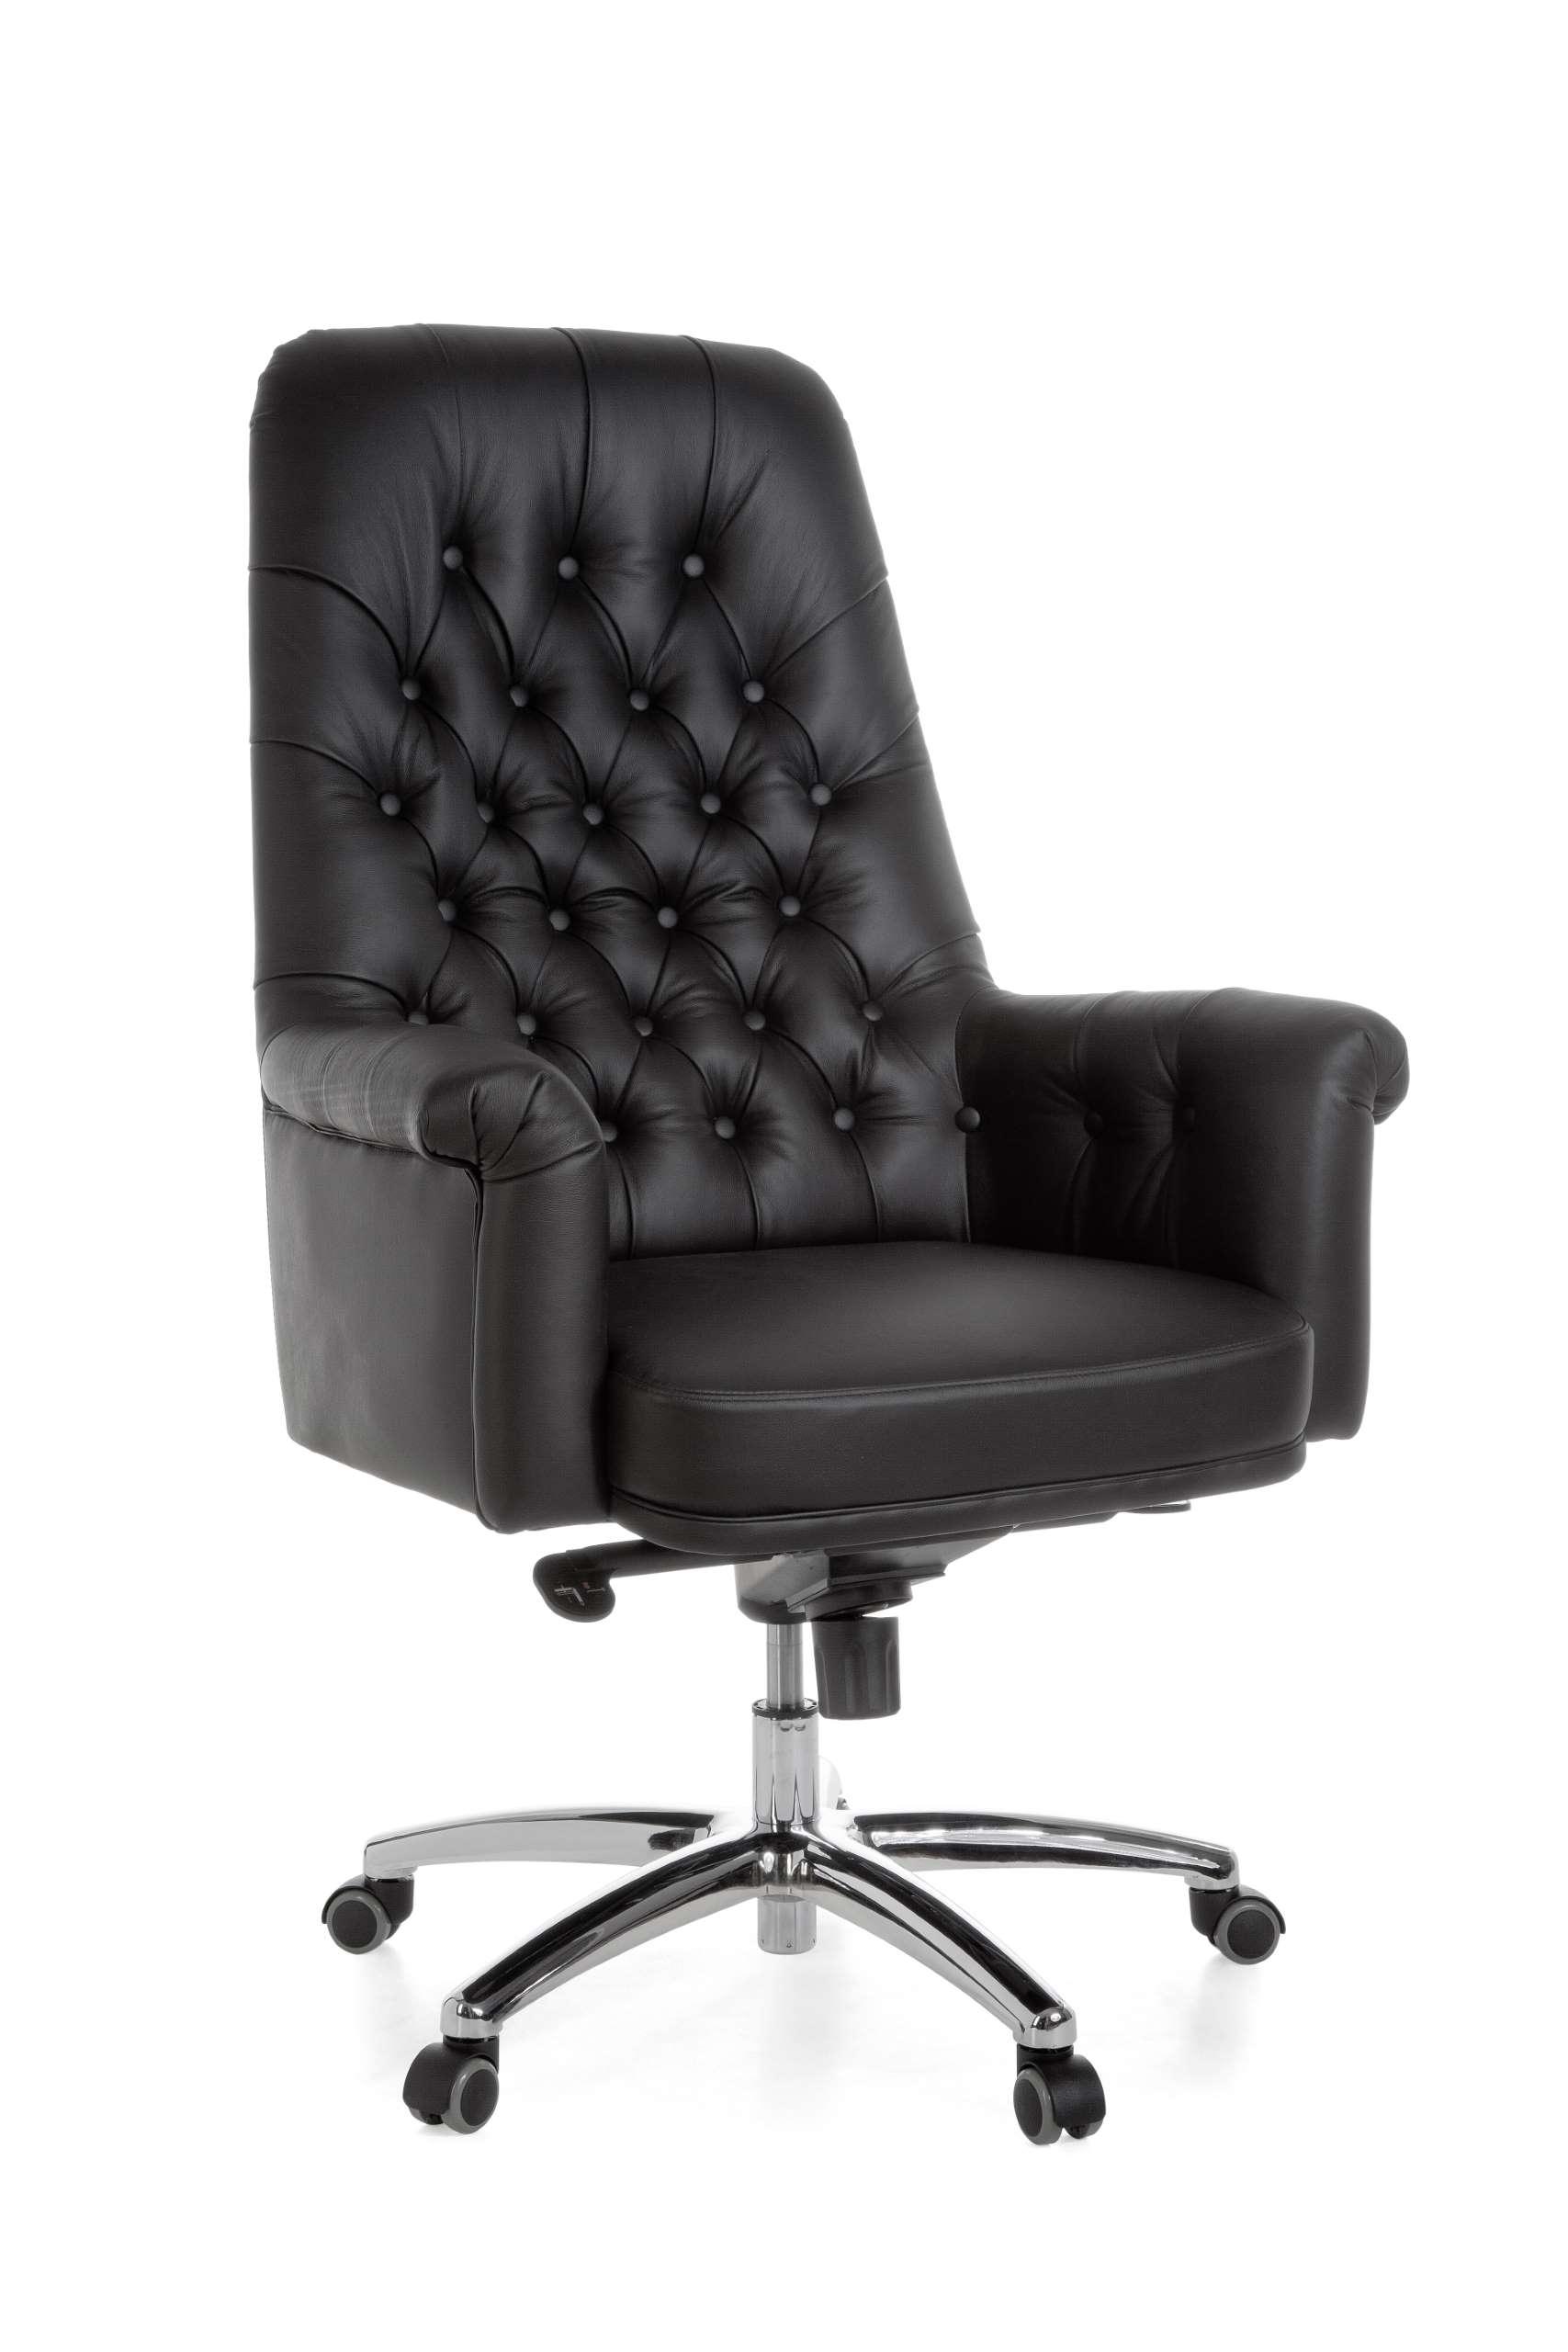 luxus b rostuhl. Black Bedroom Furniture Sets. Home Design Ideas